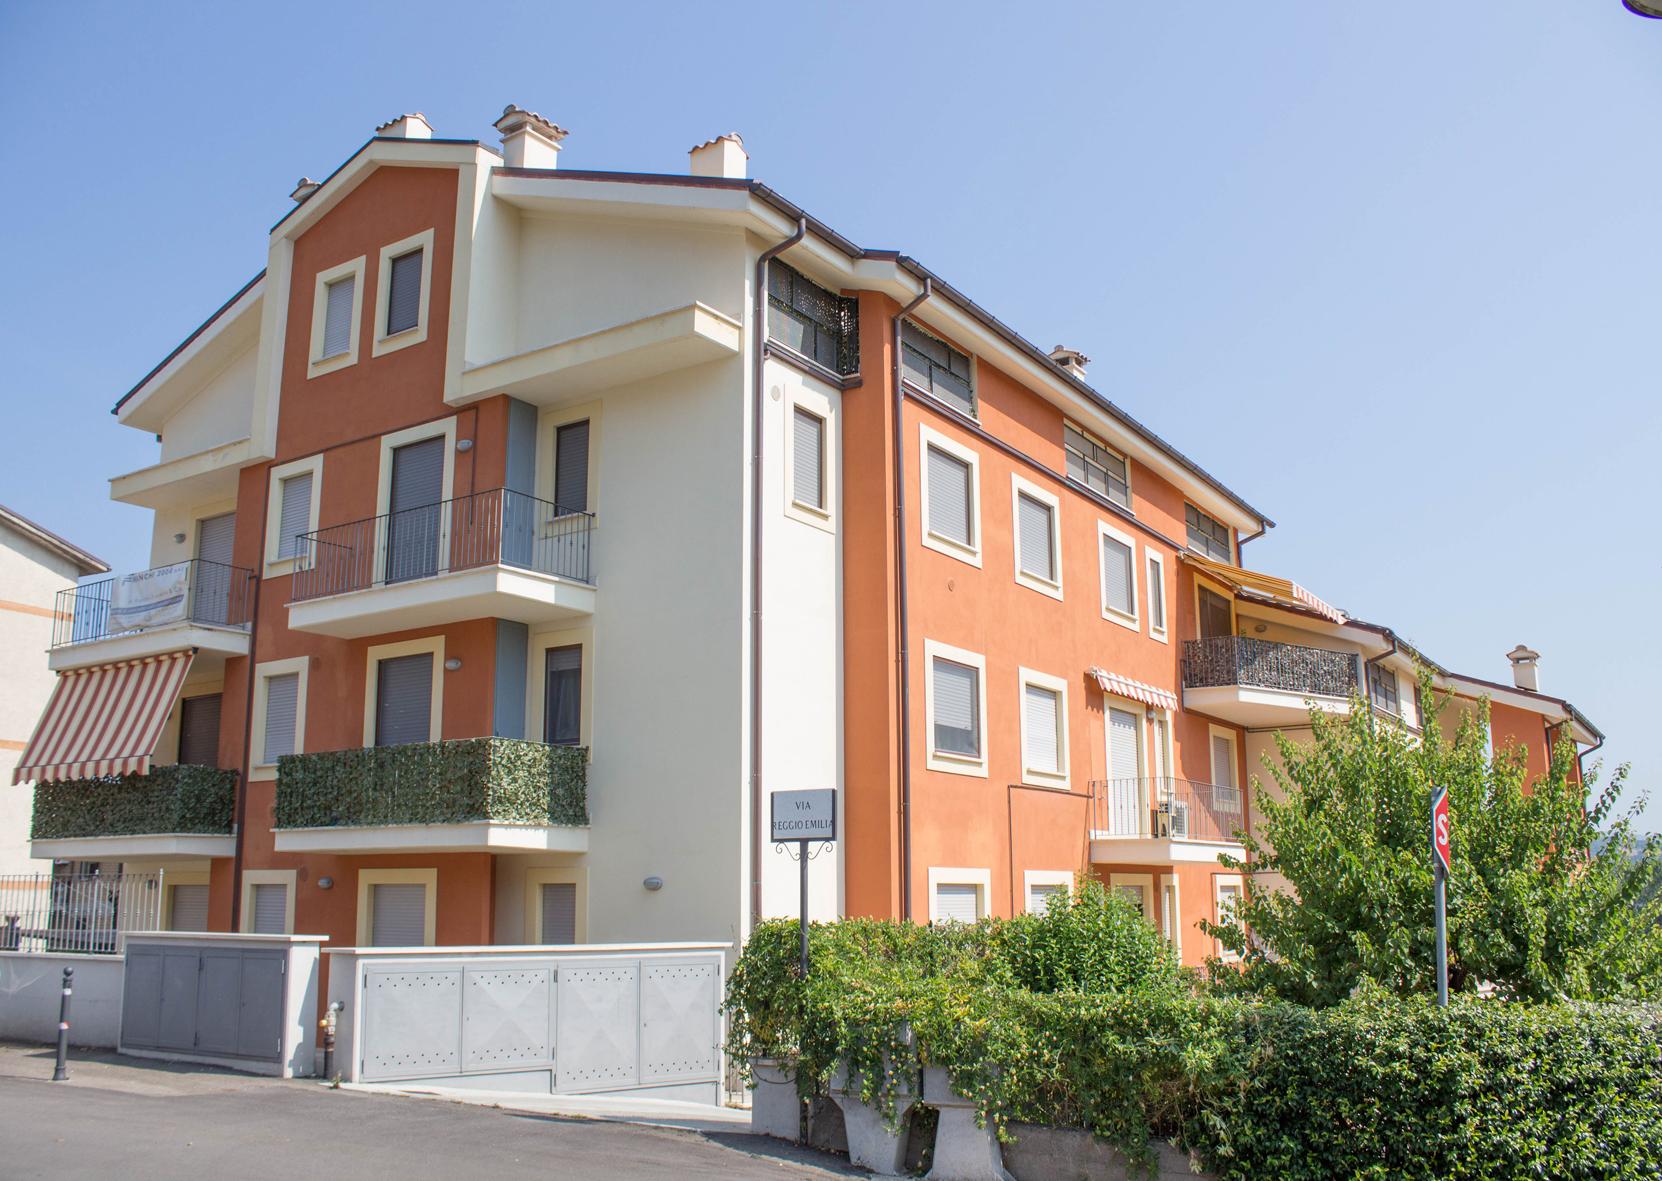 Appartamento in vendita a Orte, 2 locali, zona Località: OrteScalo, prezzo € 84.000 | CambioCasa.it